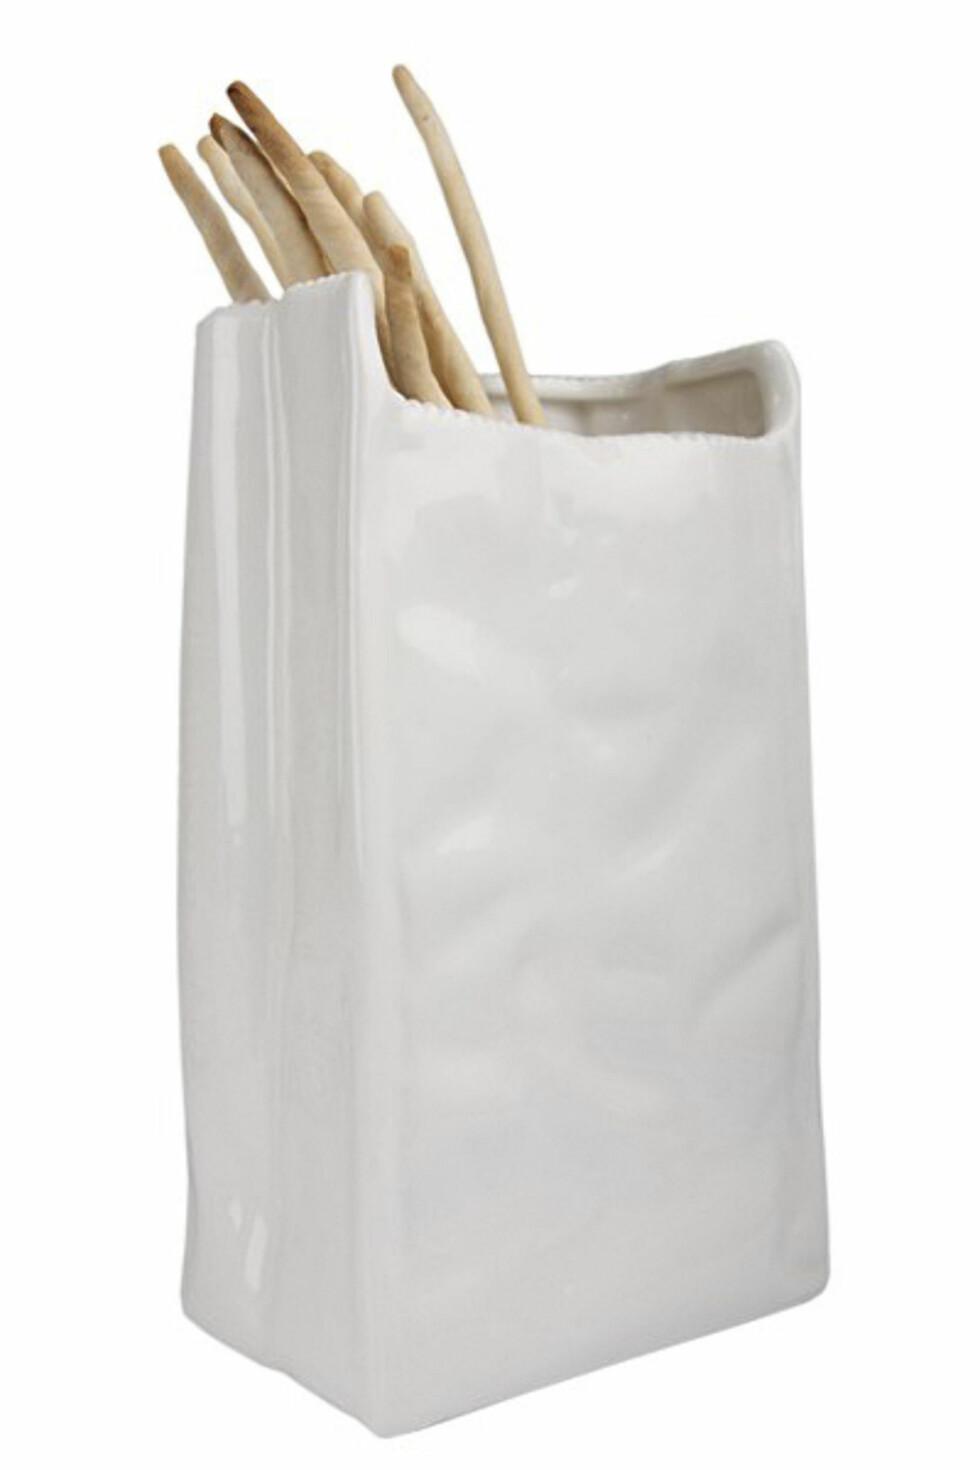 Vase til breadsticks (kr 380, Seletti/eddainterior.no) Foto: Produsenten